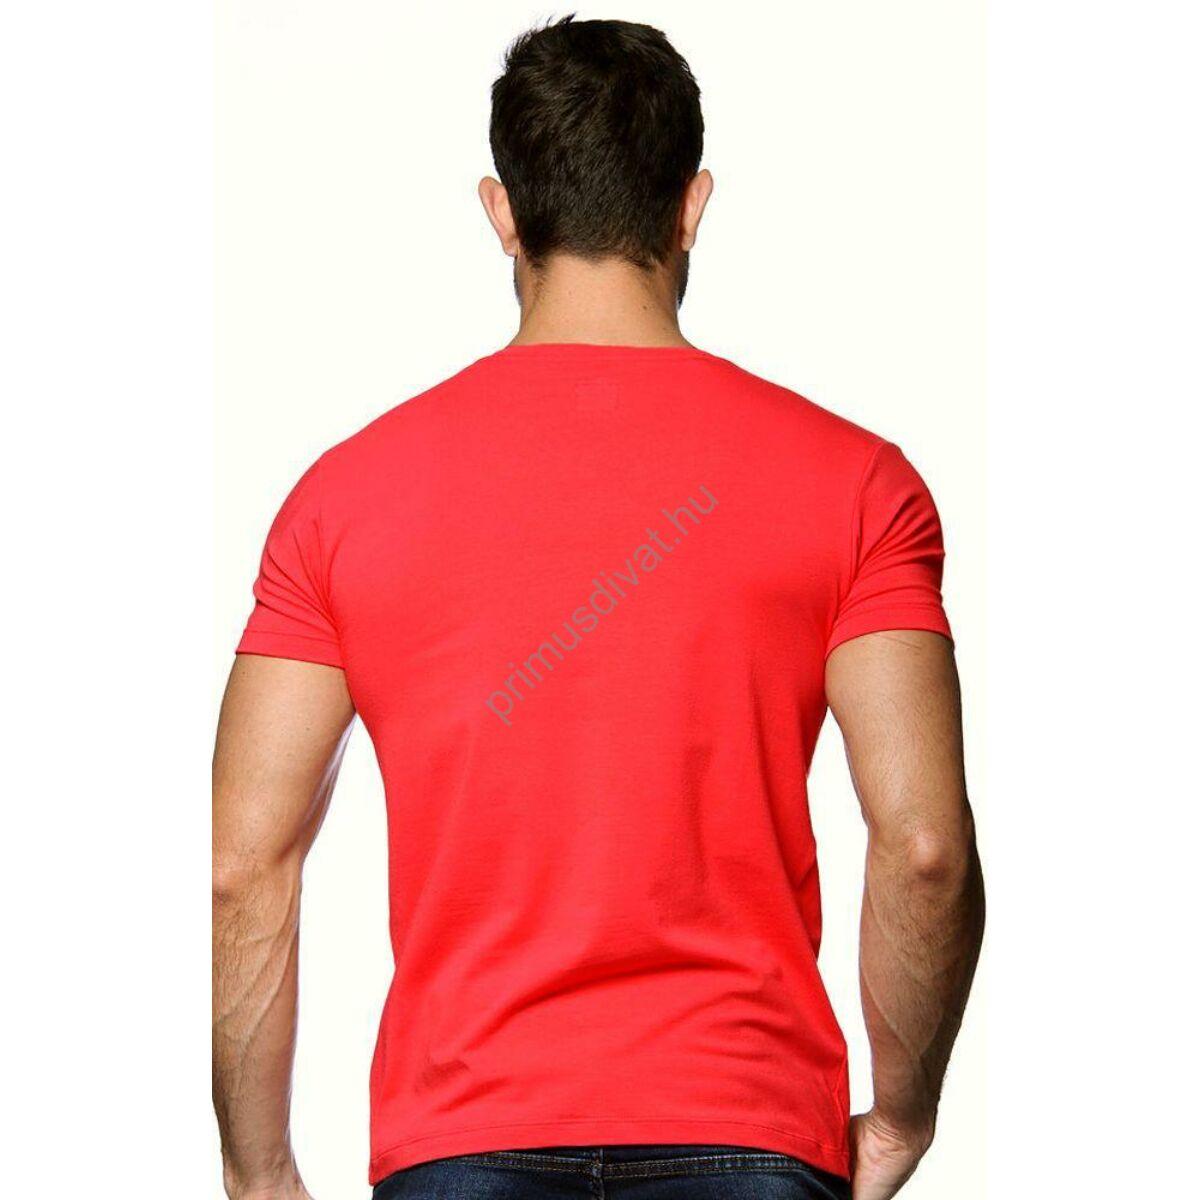 0e7bb3445a Balance V-nyakú, rugalmas anyagú rövid ujjú póló, ujján fém  márkafelirattal, piros